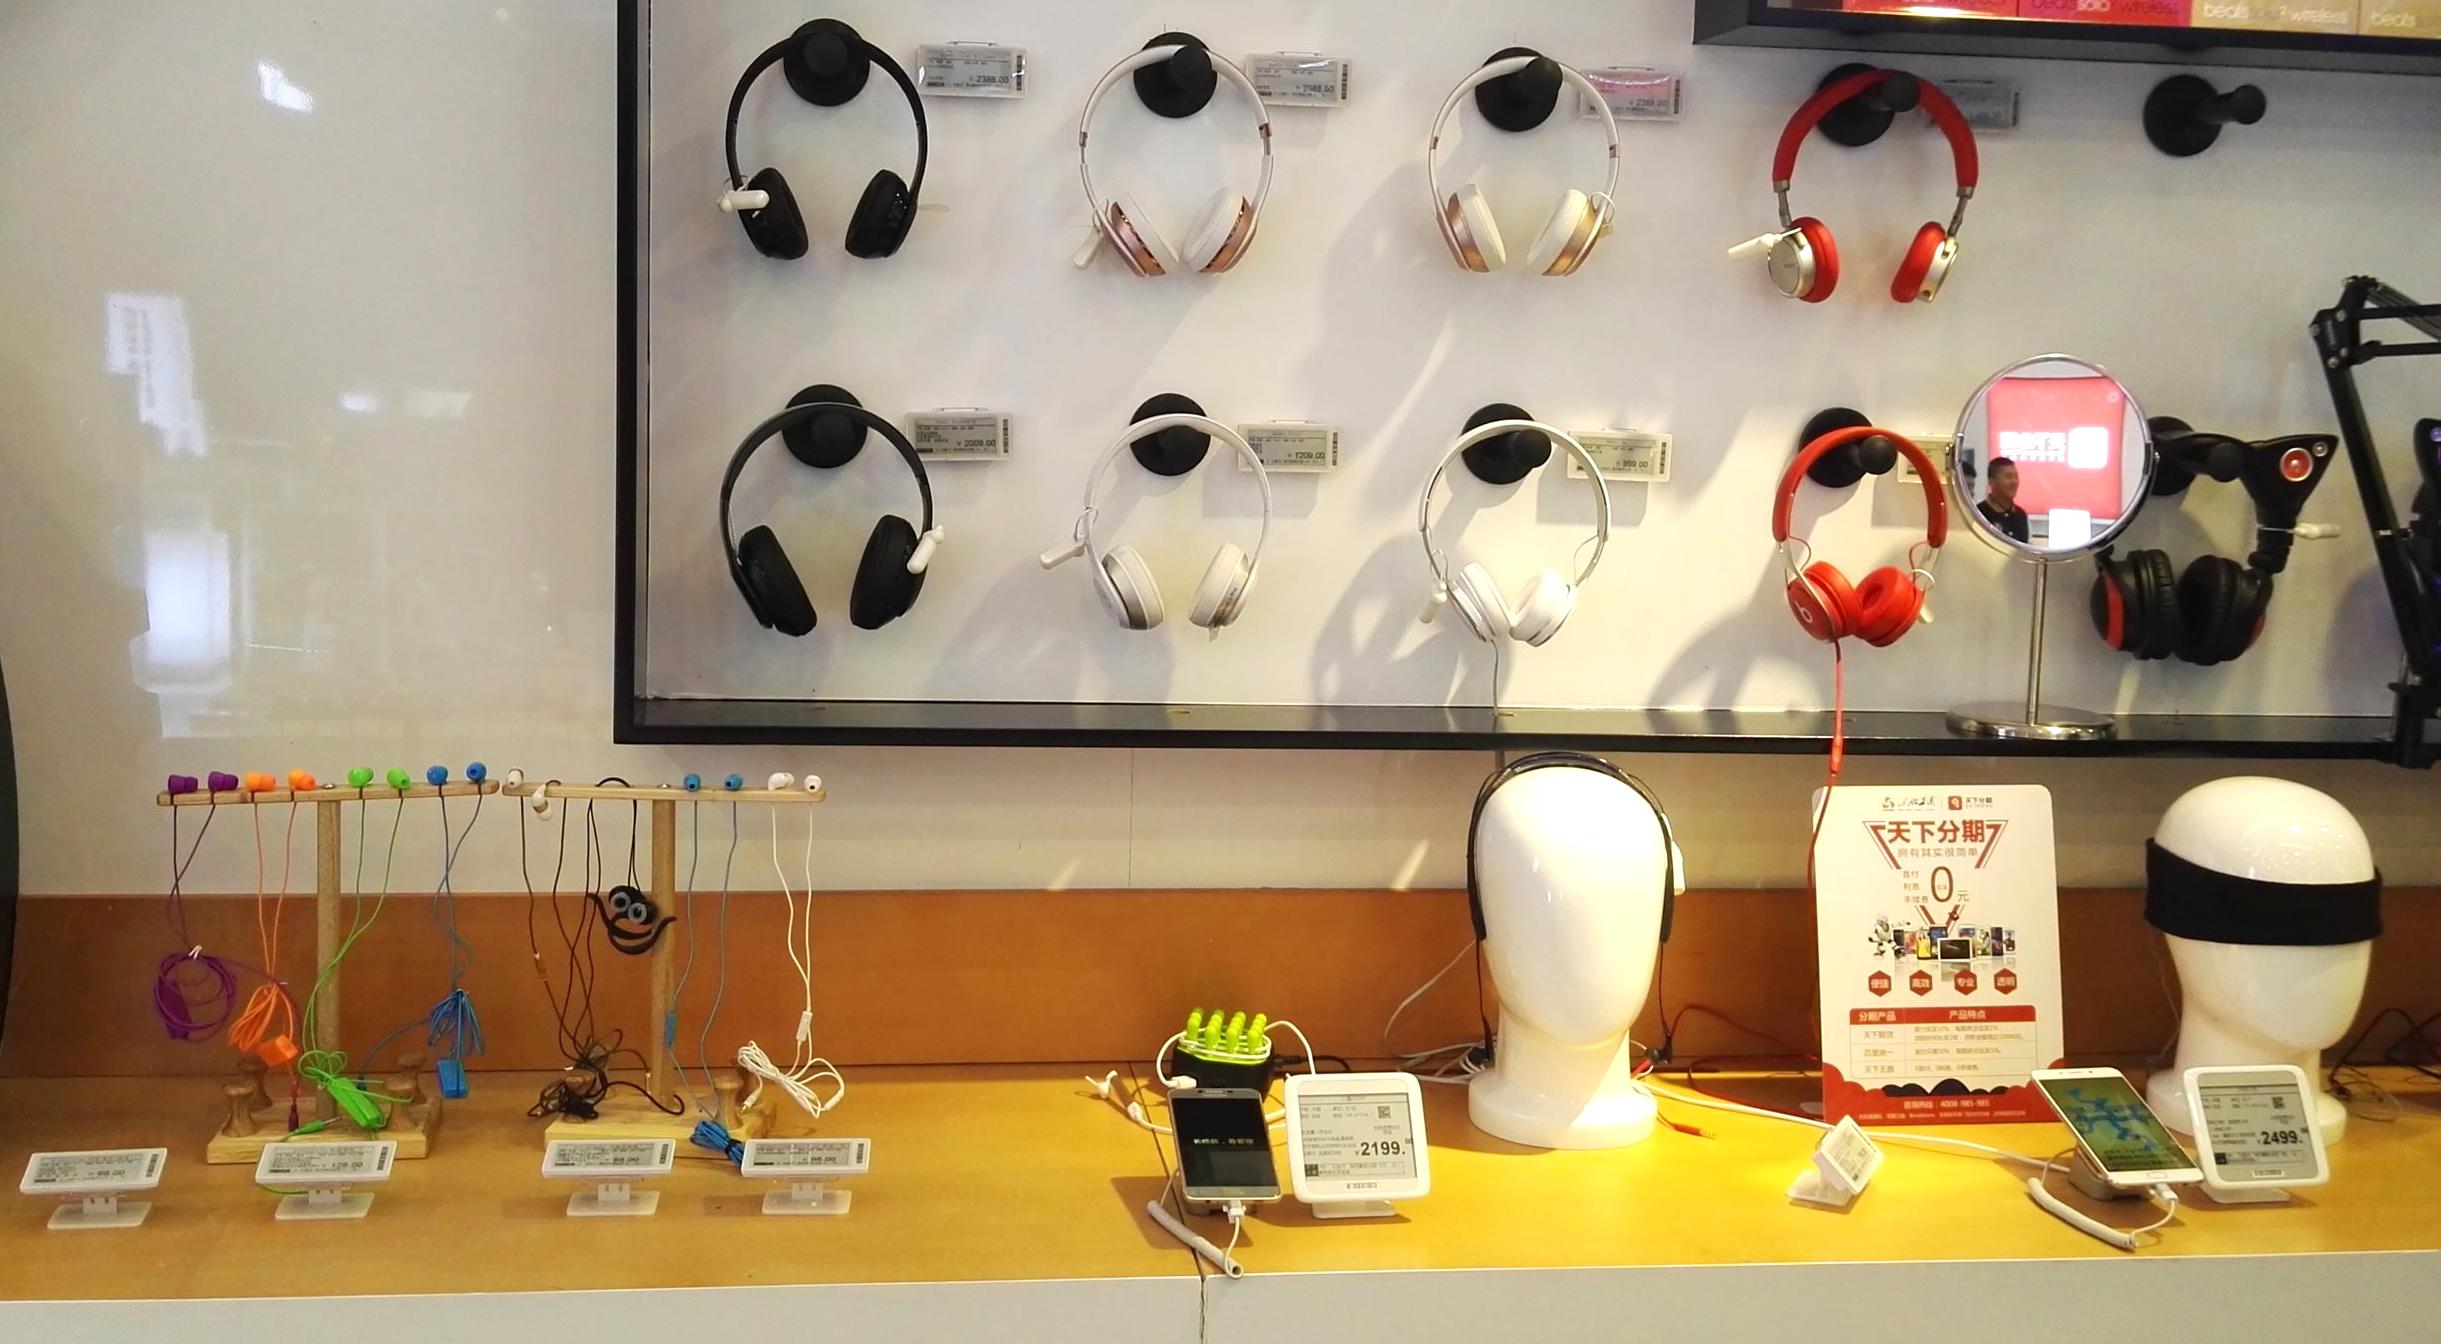 Headphones wall display with ESLs - digital price solution